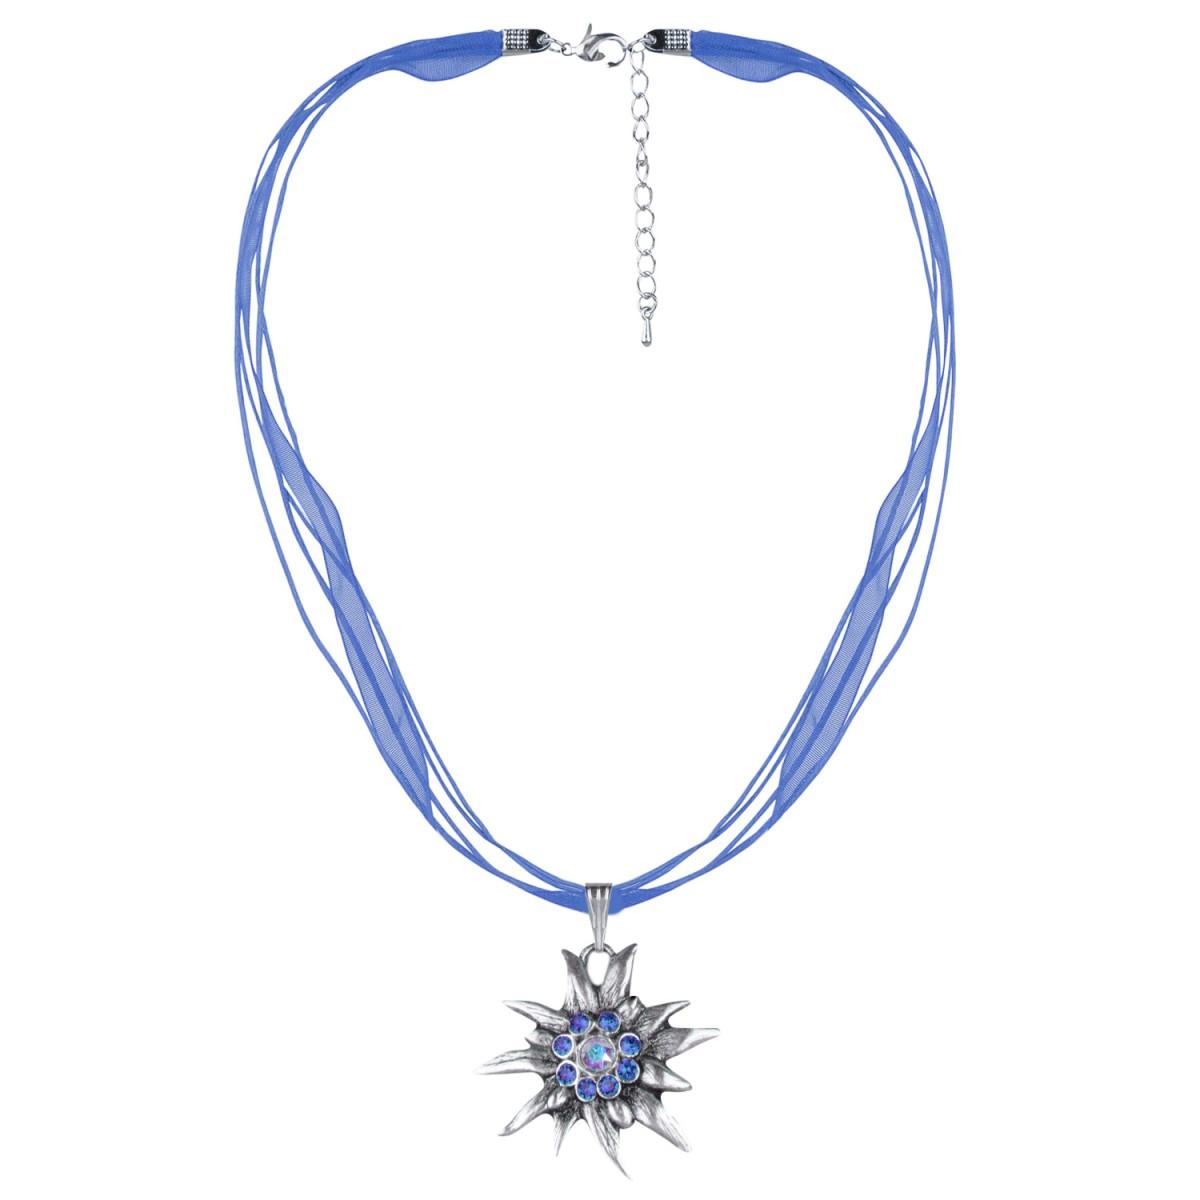 Halskette mit 4 Bändern Edelweiß Anhänger in Blau von Schlick Accessoires